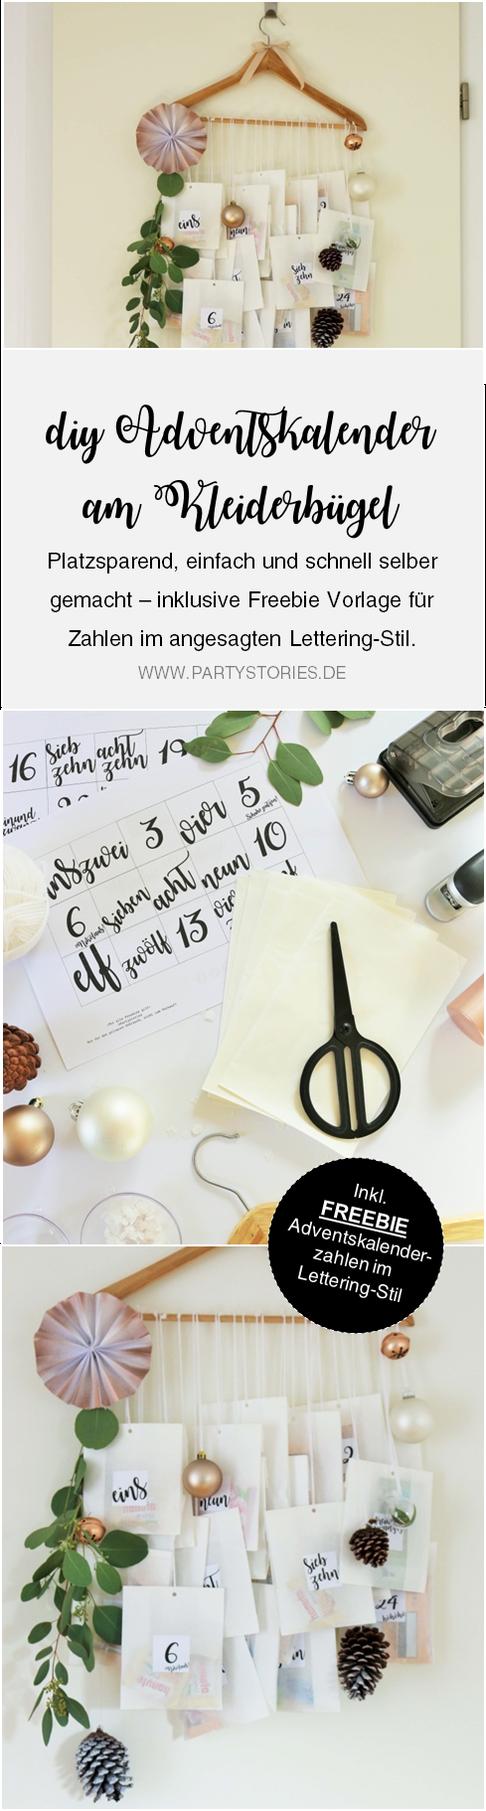 DIY Adventskalender Idee mit Kleiderbügel und Papiertüten, inklusive  Freebie Zahlen zum ausdrucken im angesagten Lettering-Style; gefunden auf www.partystories.de